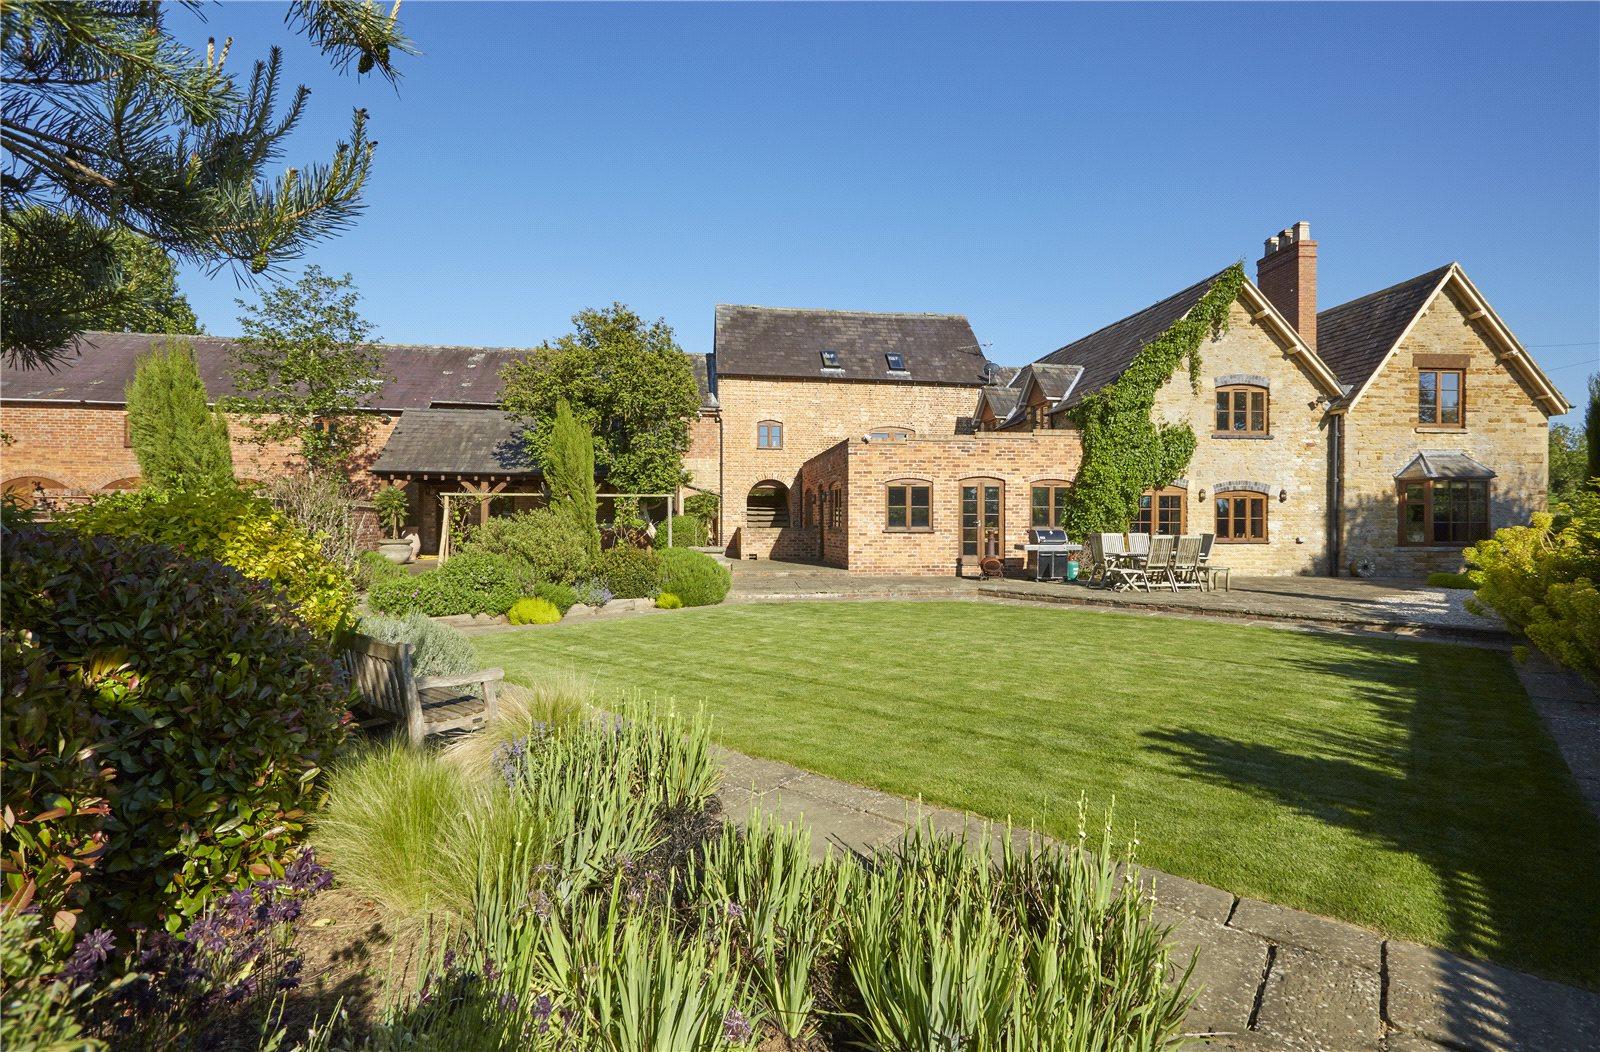 独户住宅 为 销售 在 Cherington, Shipston-on-Stour, Warwickshire, CV36 Shipston On Stour, 英格兰